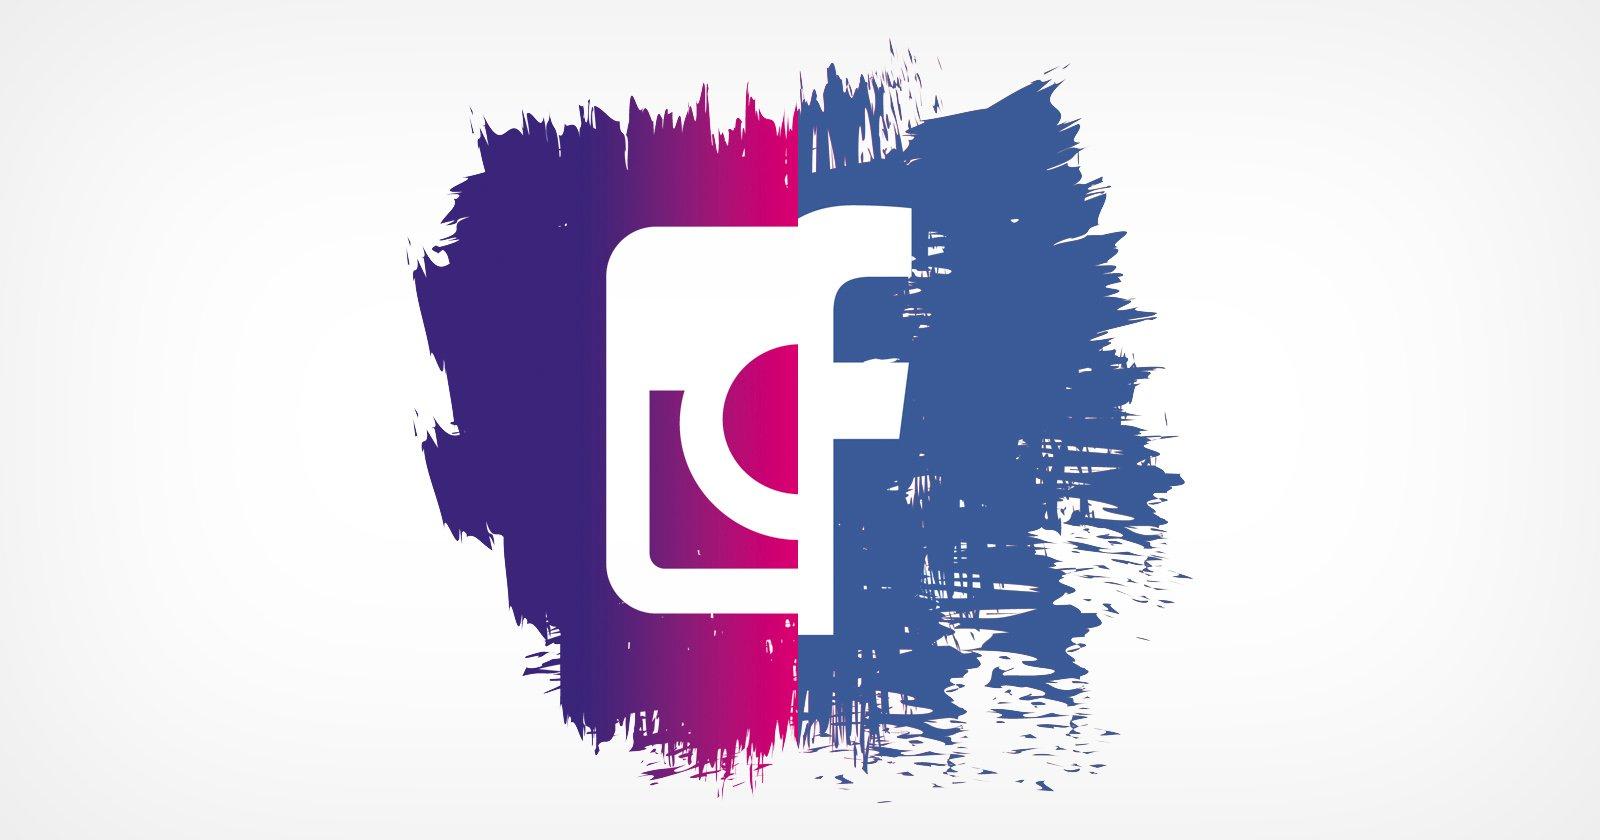 Instagram sta testando le notifiche per incoraggiare gli utenti a provare Facebook